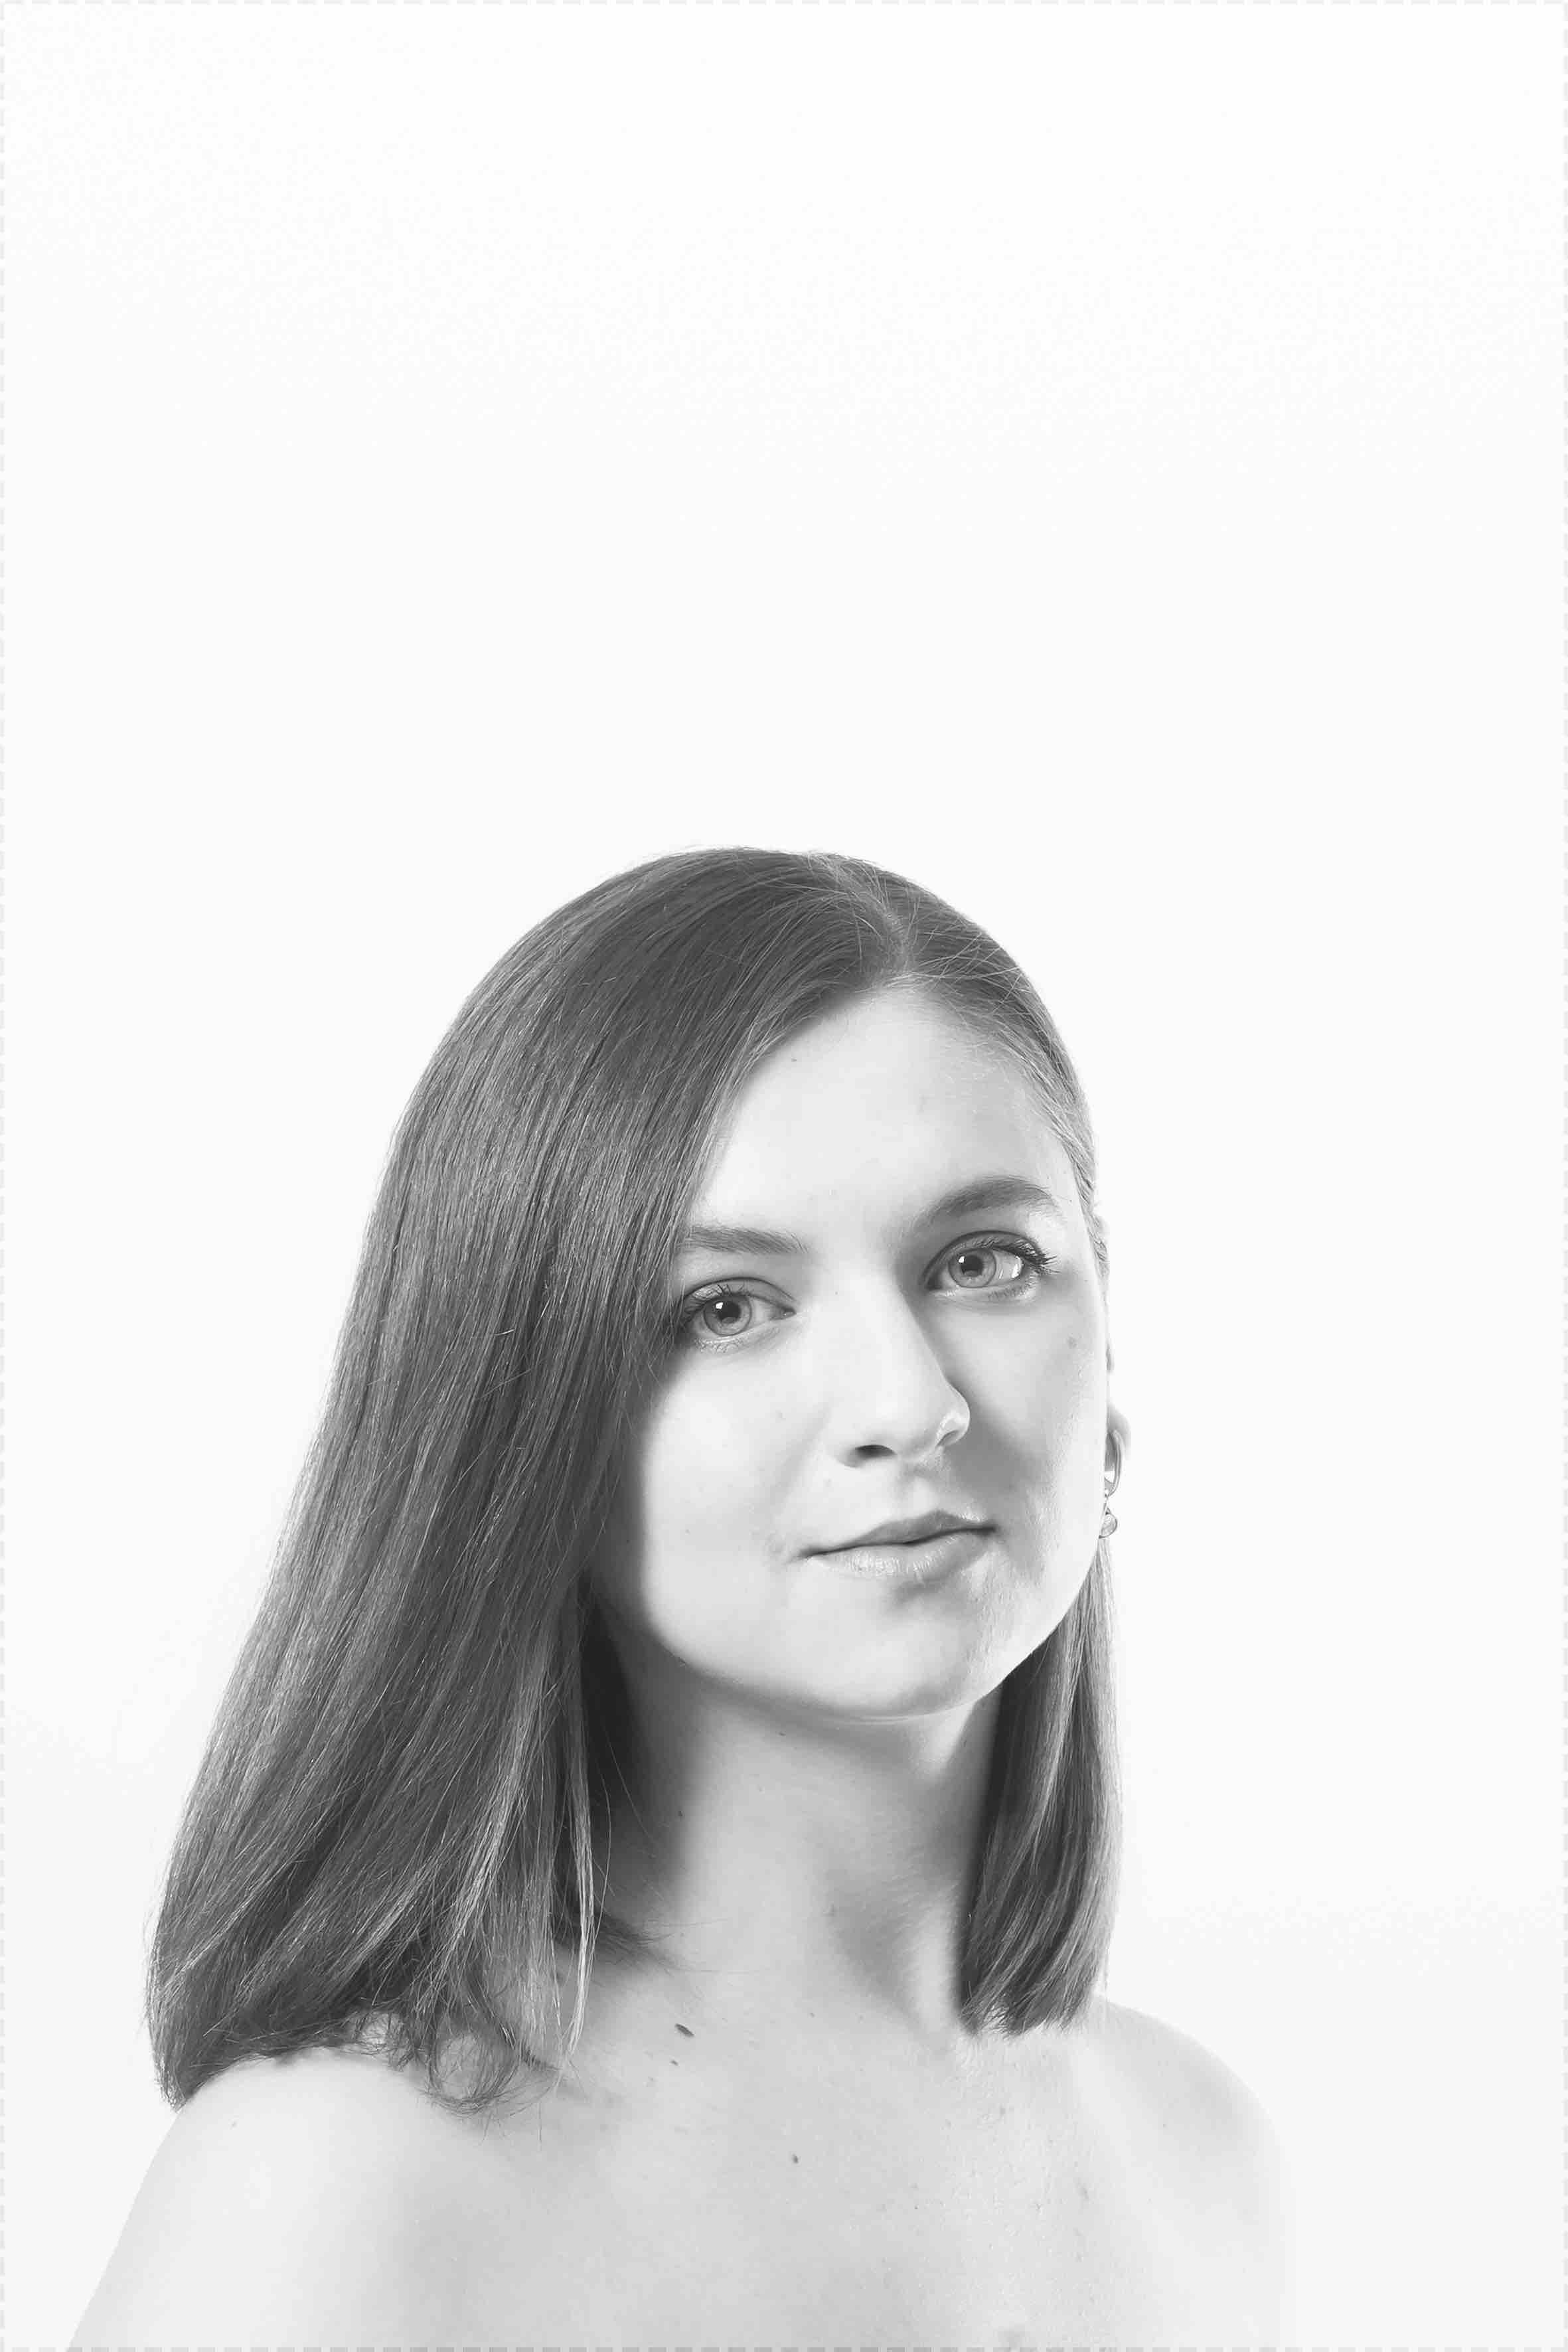 Ksenia Seletskaja